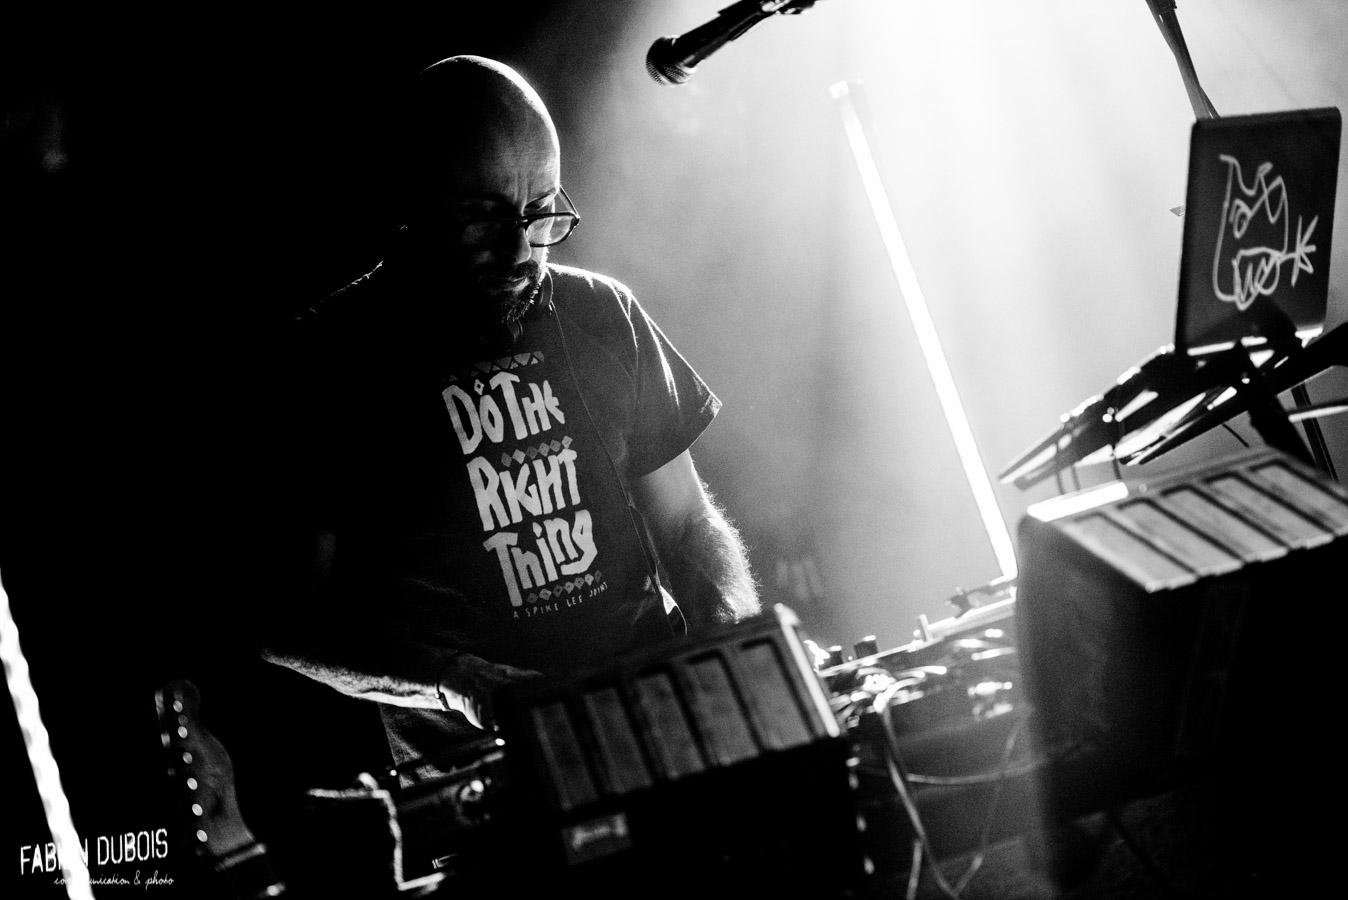 Photo Peuple de l'Herbe 25 ans Cavazik Cave Musique Mâcon France 2017